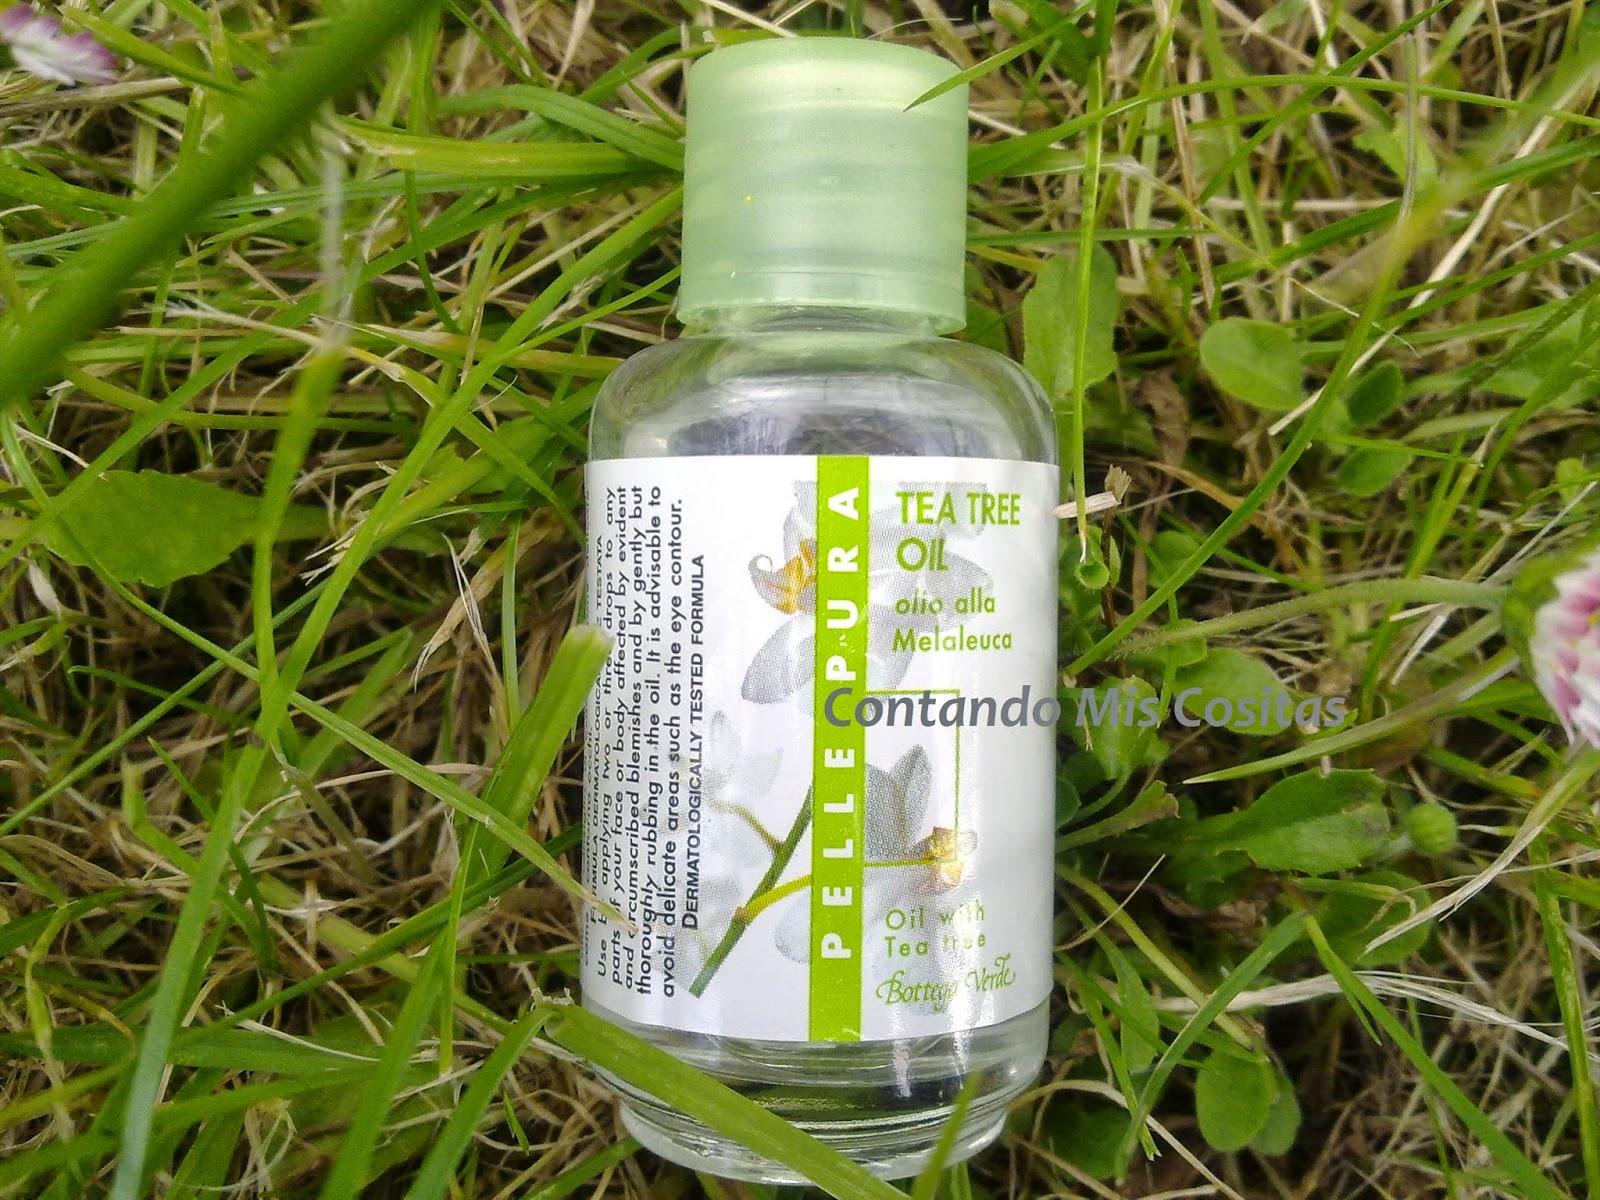 aceite arbol te bottega verde favorito espinillas granos